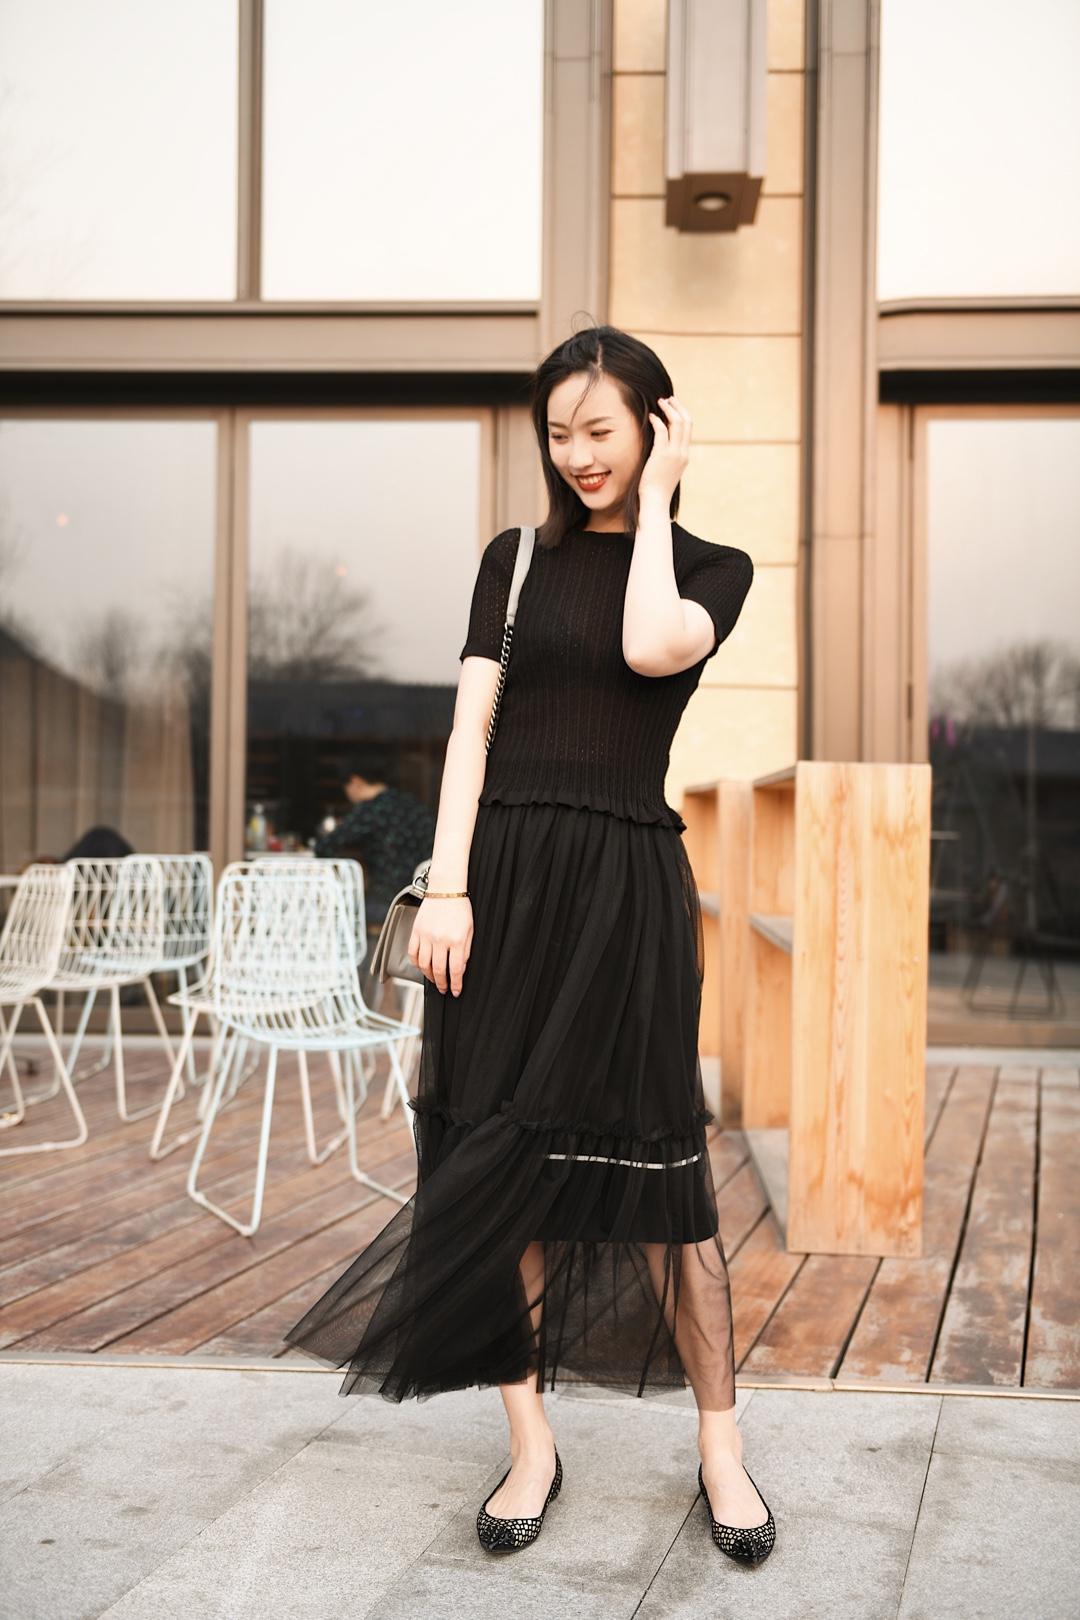 纱裙由于其本身面料的特色,能够给人飘逸的裙装造型,受到很多仙女宝宝喜爱。 黑色纱裙沉稳优雅,同时又富于性感神秘气息,hold得住各种场合,因此成为女生必备的对象。 欧根纱穿起来十分有气质,但要看具体的设计,可甜美也可正式。而且因为欧根纱带点蓬松感,能很好的遮住上半身的肉肉,这就要求下身的黑纱裙不宜太蓬,否则会显得整个人都是膨胀的,上身蓬下身就要收,互相中和。 #这腰身,好想涌有!#